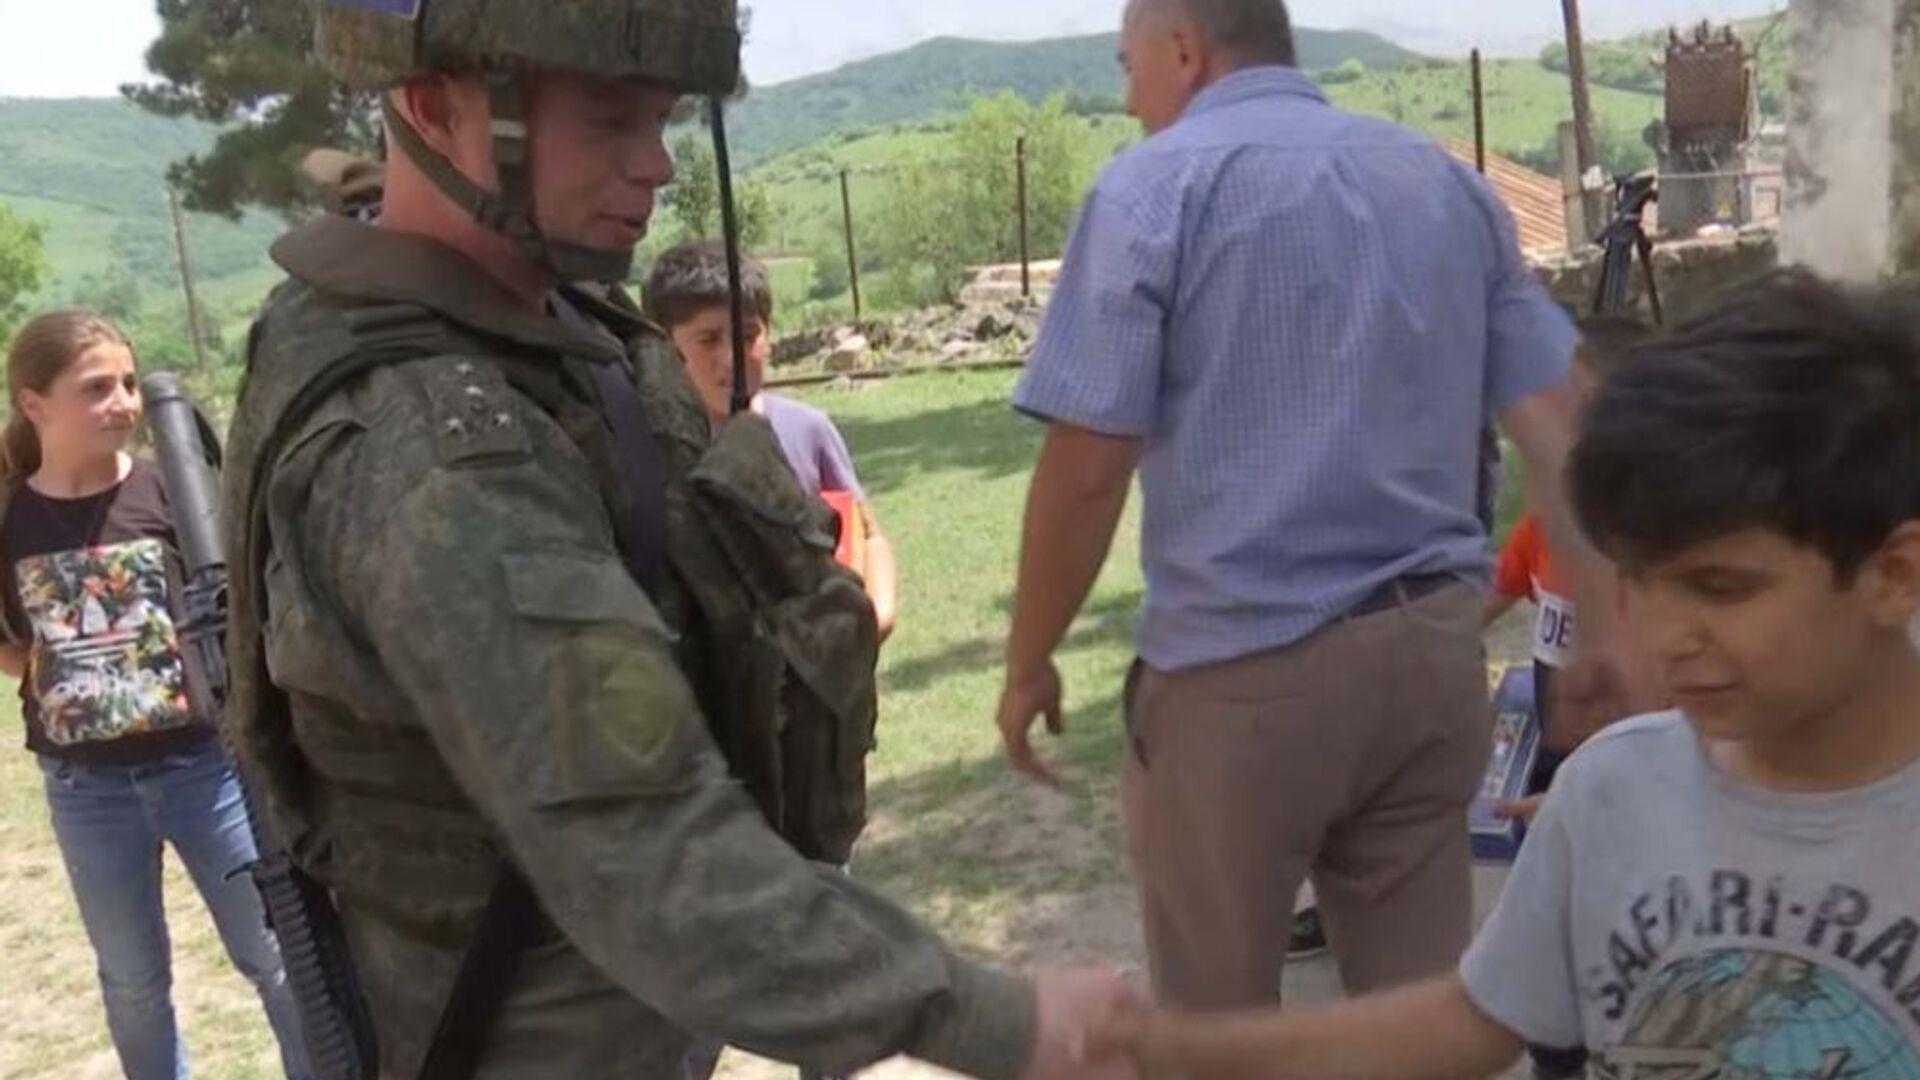 Российские миротворцы организовали передачу гуманитарной помощи беженцам и многодетным семьям отдаленных поселков НКР (18 мая 2021). Карабах - Sputnik Արմենիա, 1920, 18.05.2021